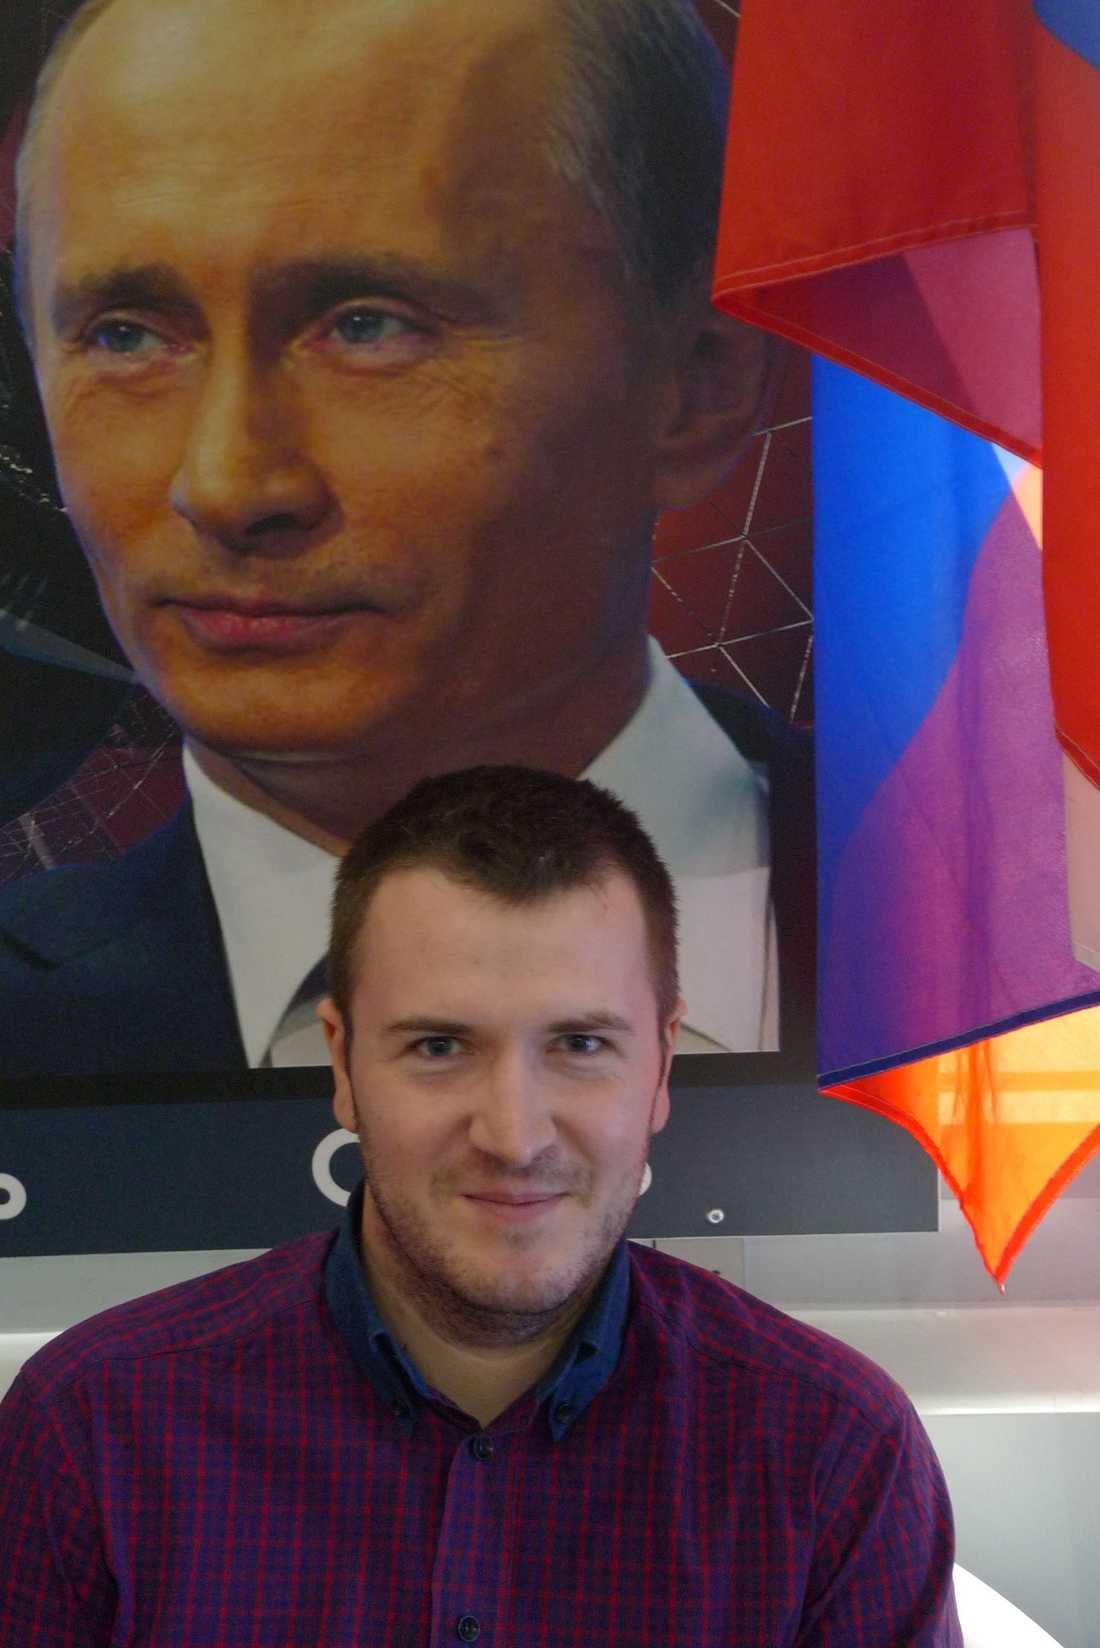 Makar Vikhliantsev.